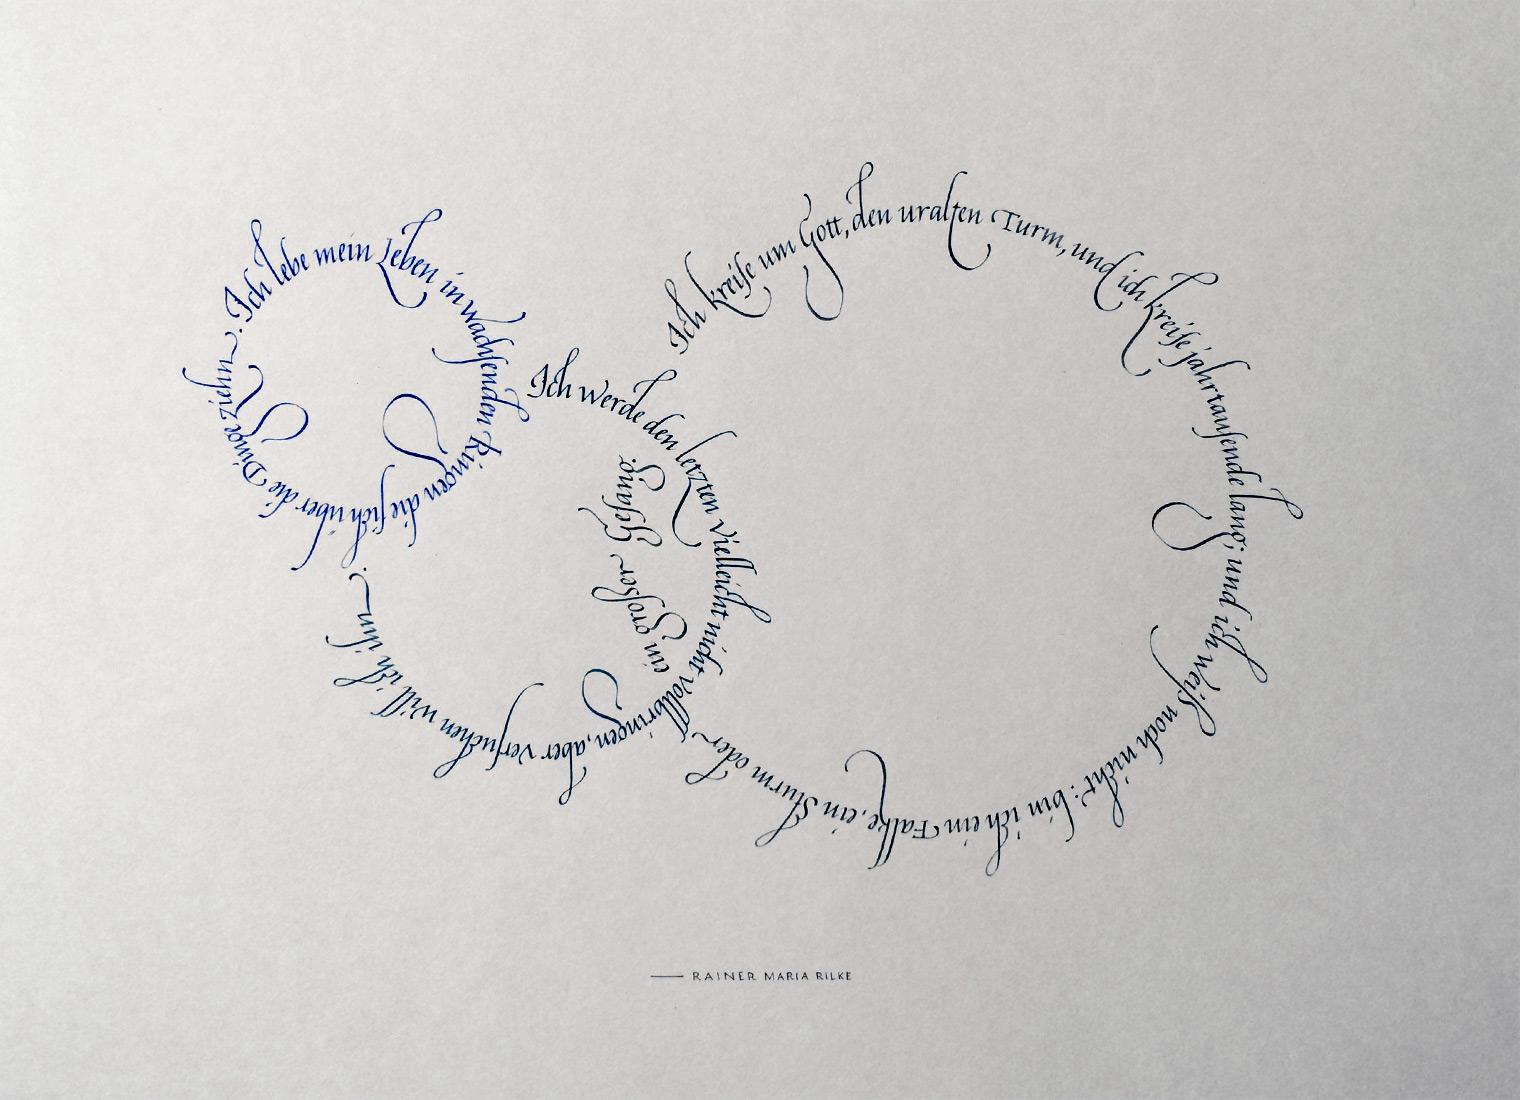 Kreise Rilke Gedicht komplett